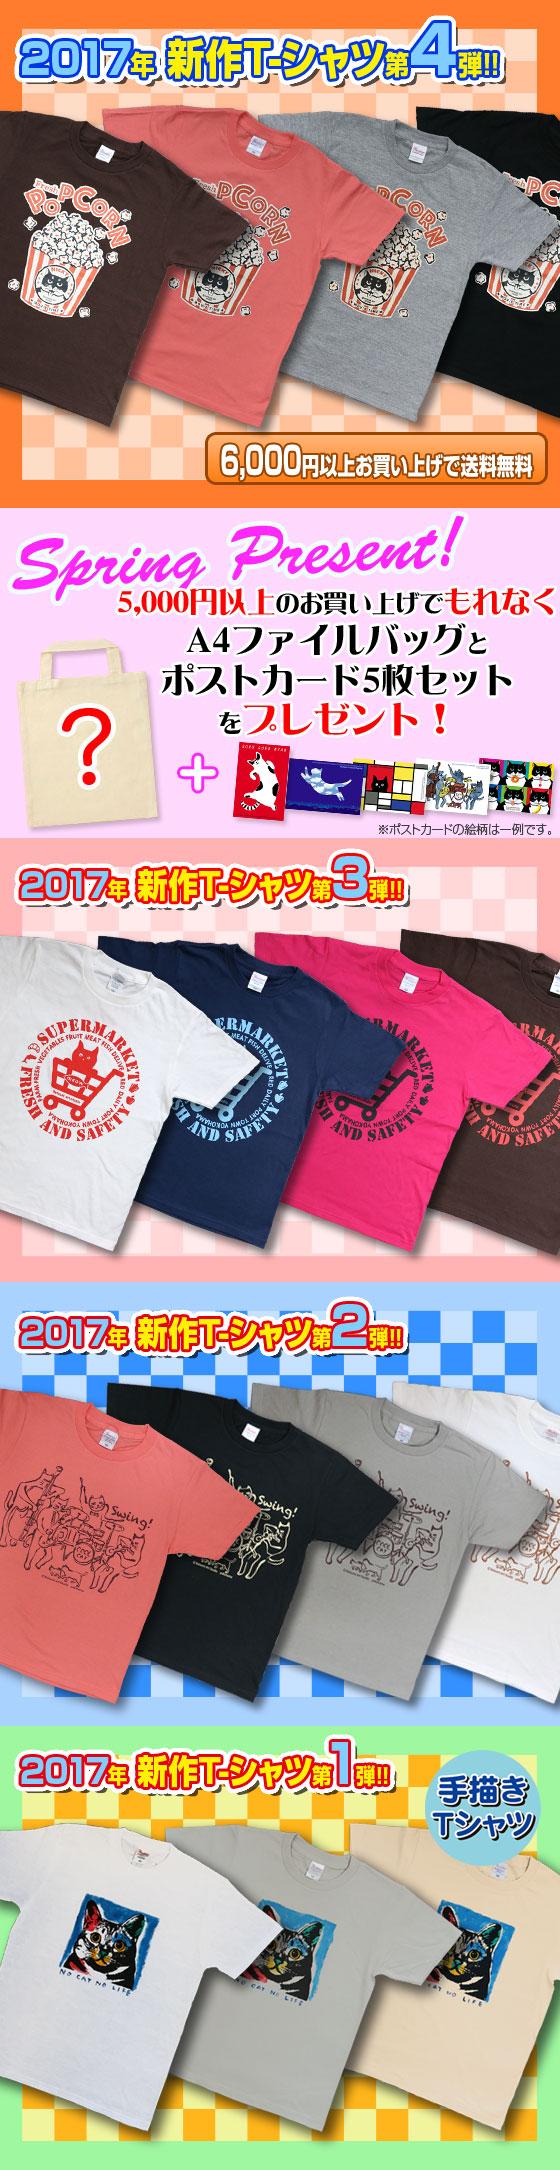 2017年新作Tシャツ第4弾!2017年スプリングプレゼント実施中!